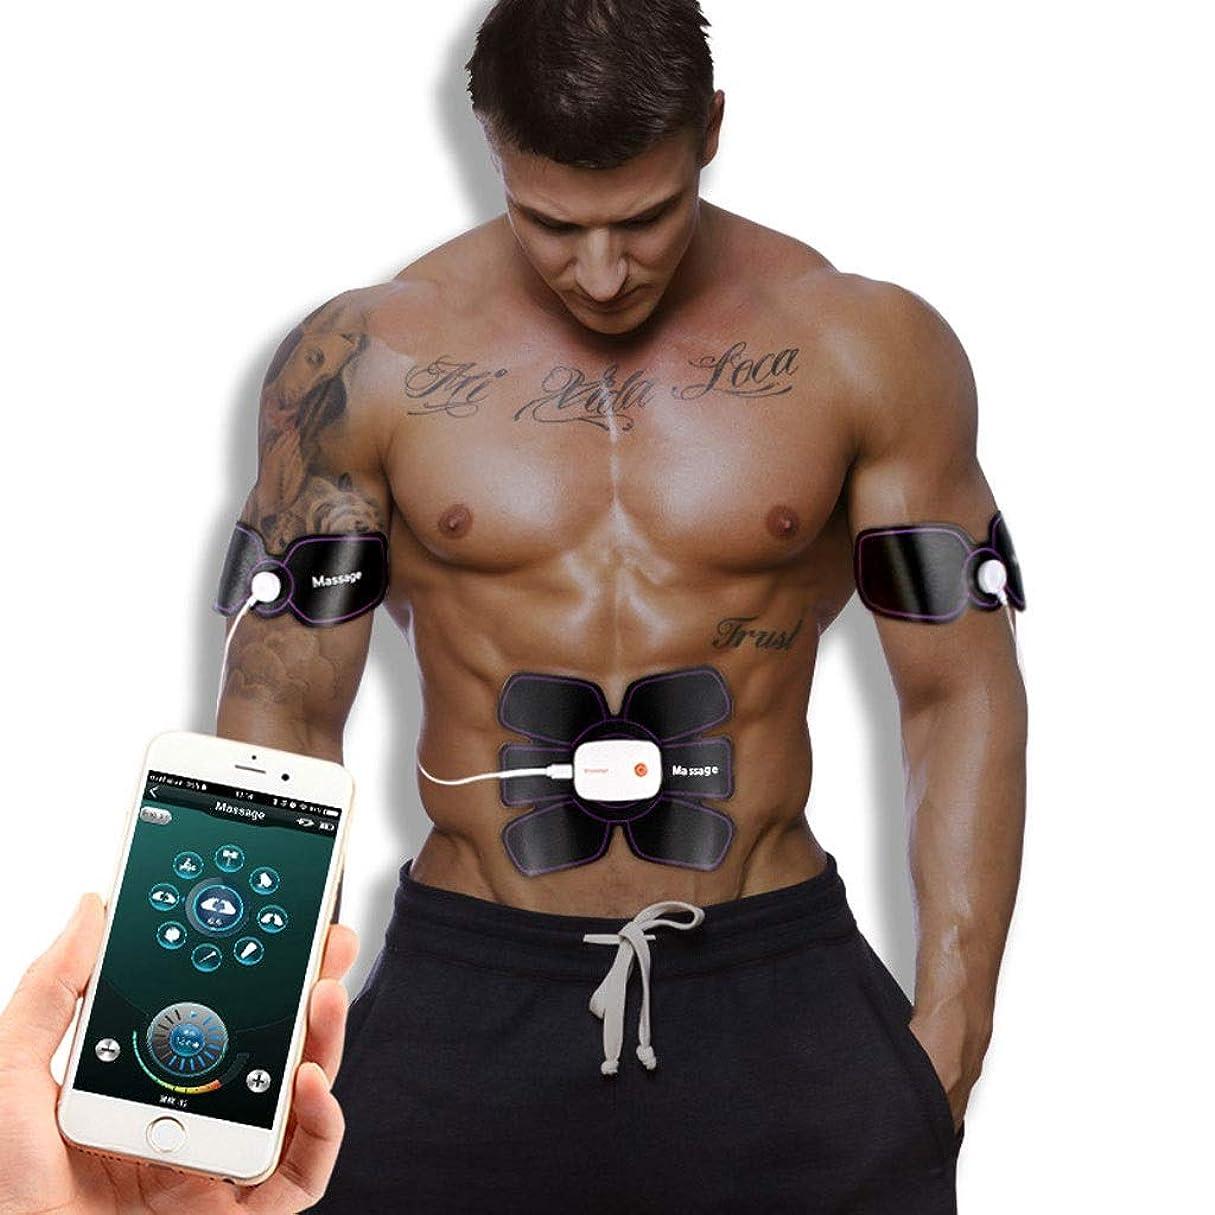 あまりにも打ち負かす効果的に筋肉刺激装置、EMS腹筋トレーナー腹部ベルトUSB充電式筋肉用トナー腹筋足用腹筋サポートベルト&8モード15レベル男性&女性用